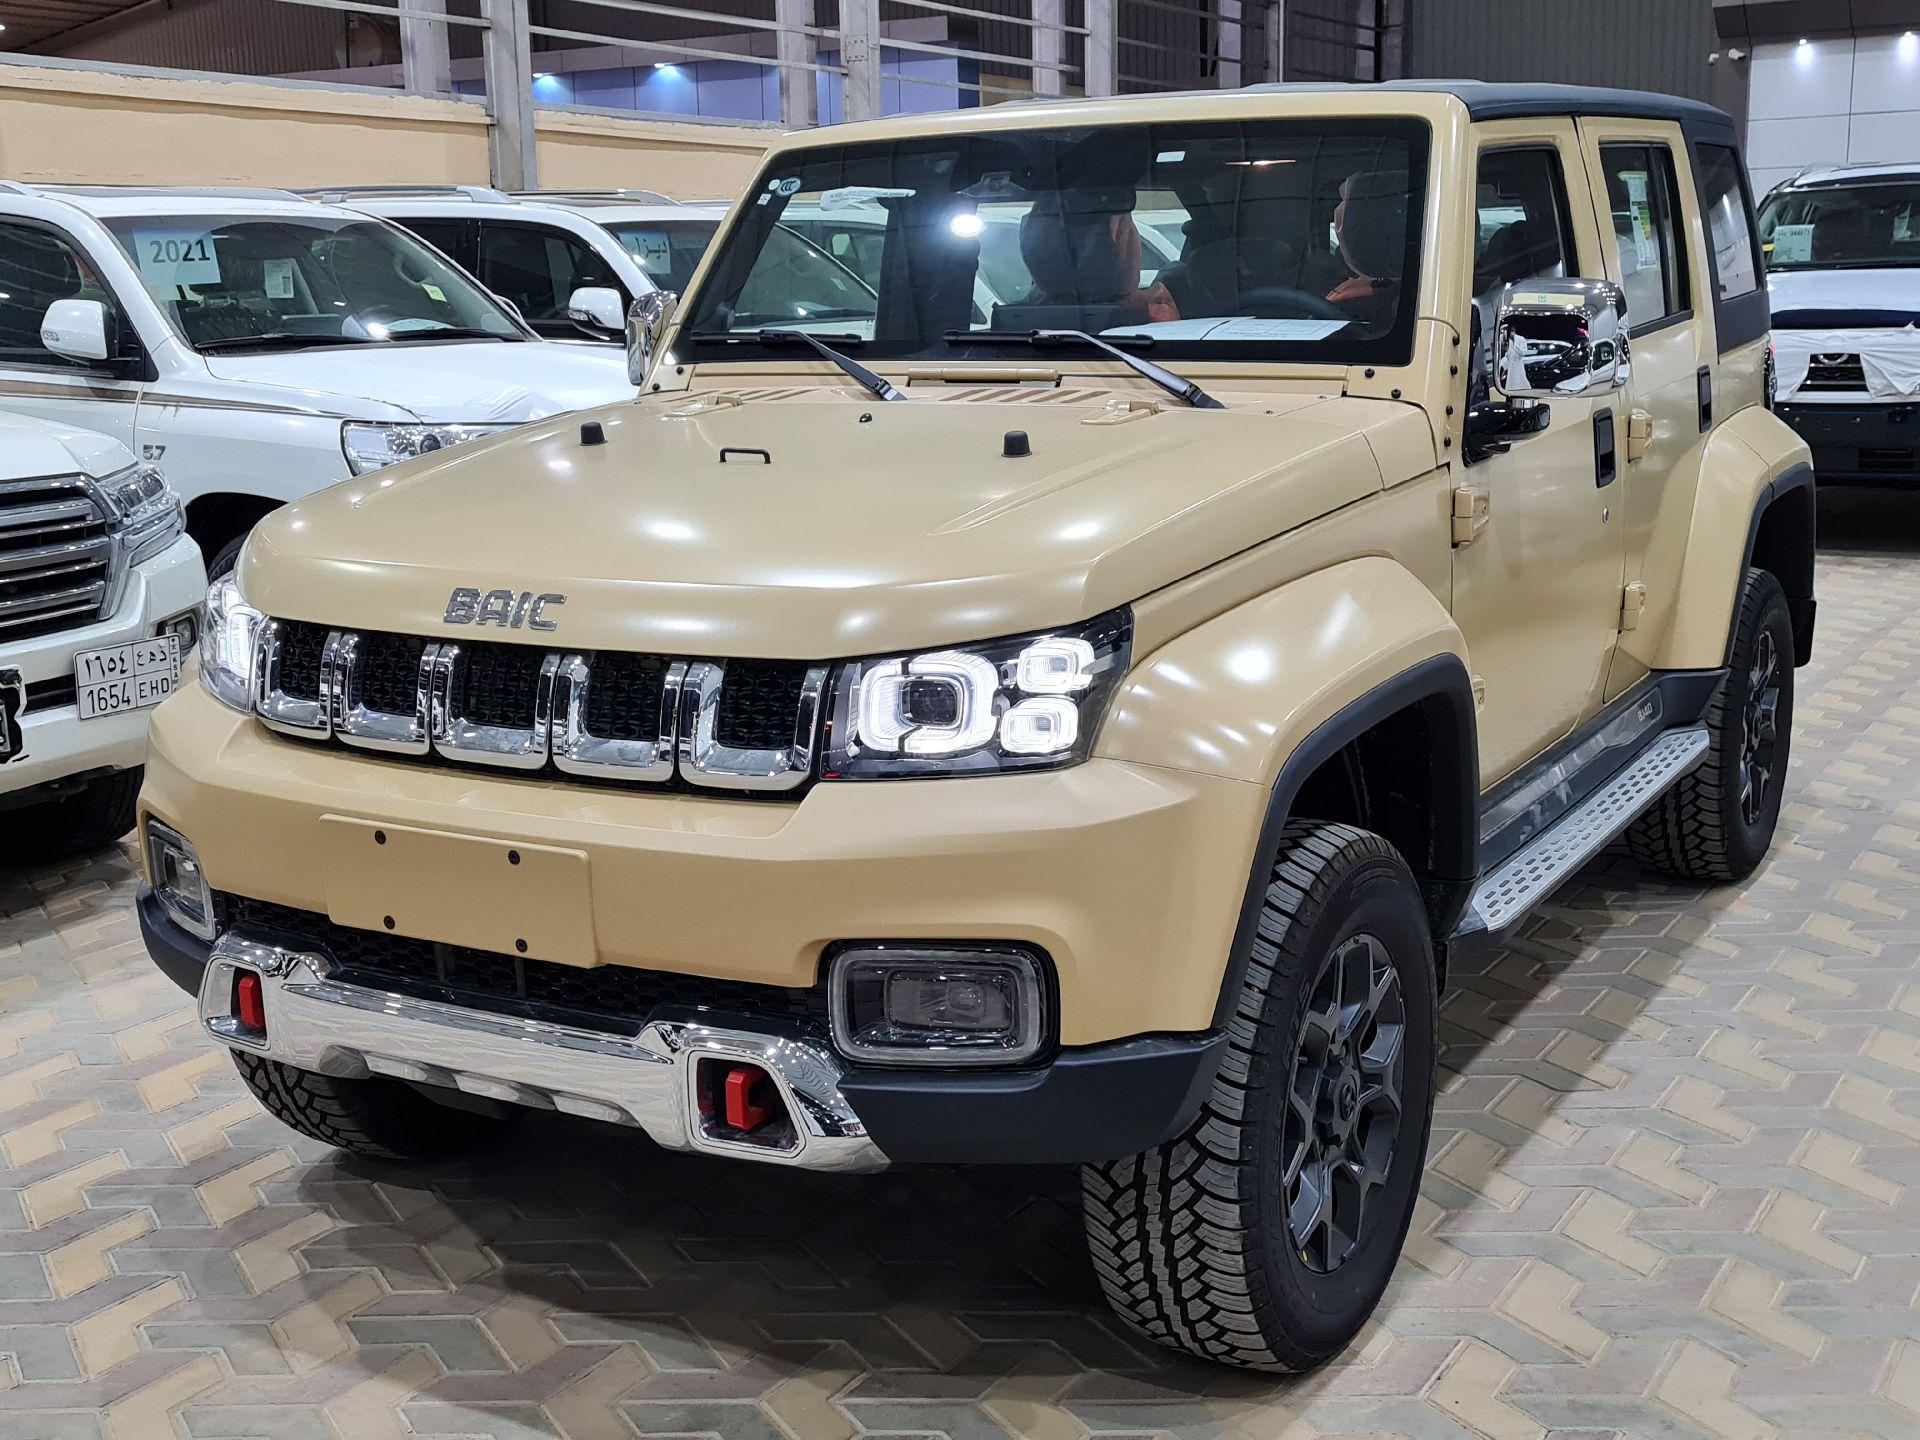 بايك BJ40L 2022 فل سعودي للبيع في الرياض - السعودية - صورة كبيرة - 1